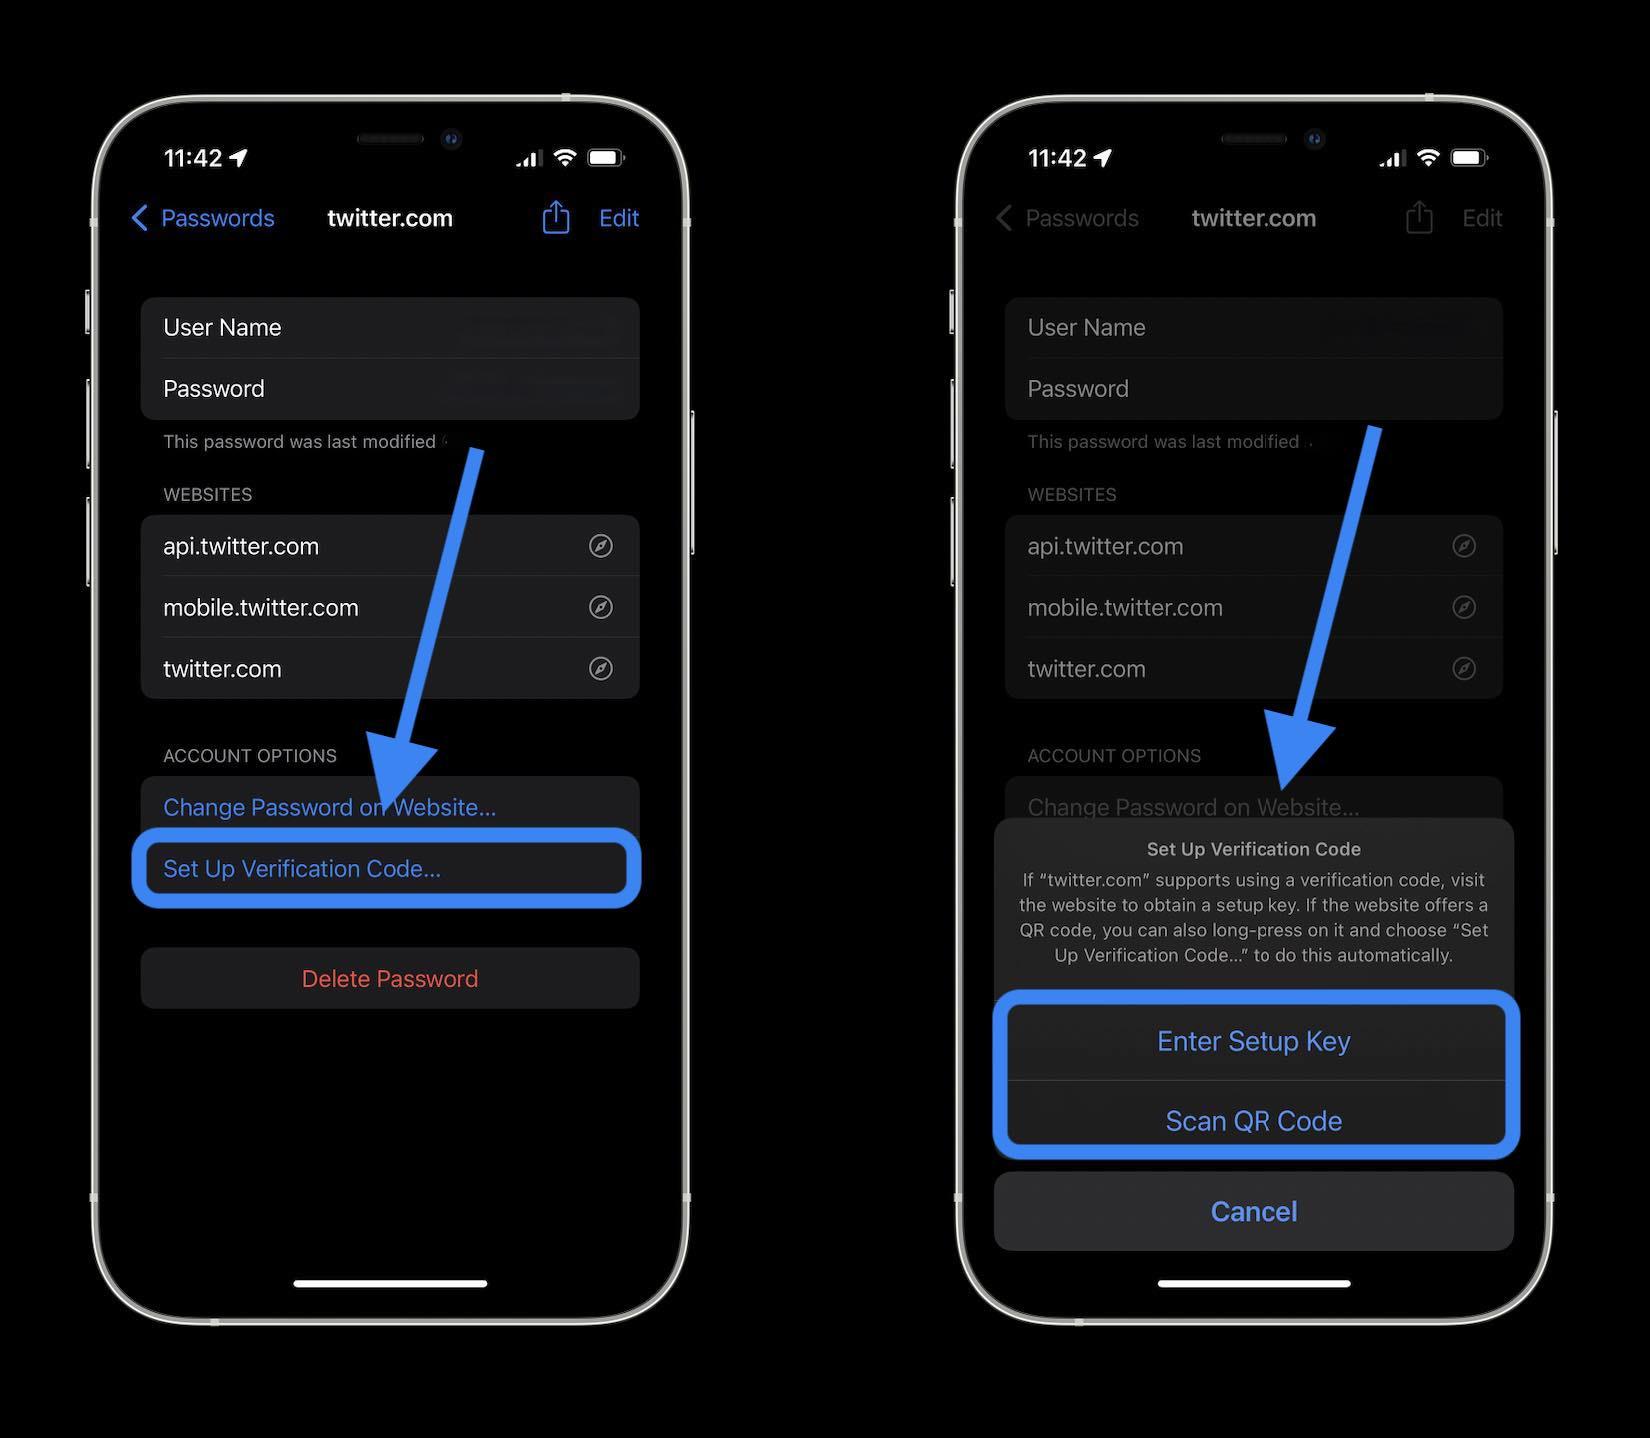 Как настроить генератор кода 2FA для iOS 15 и автозаполнение - iOS Приложение